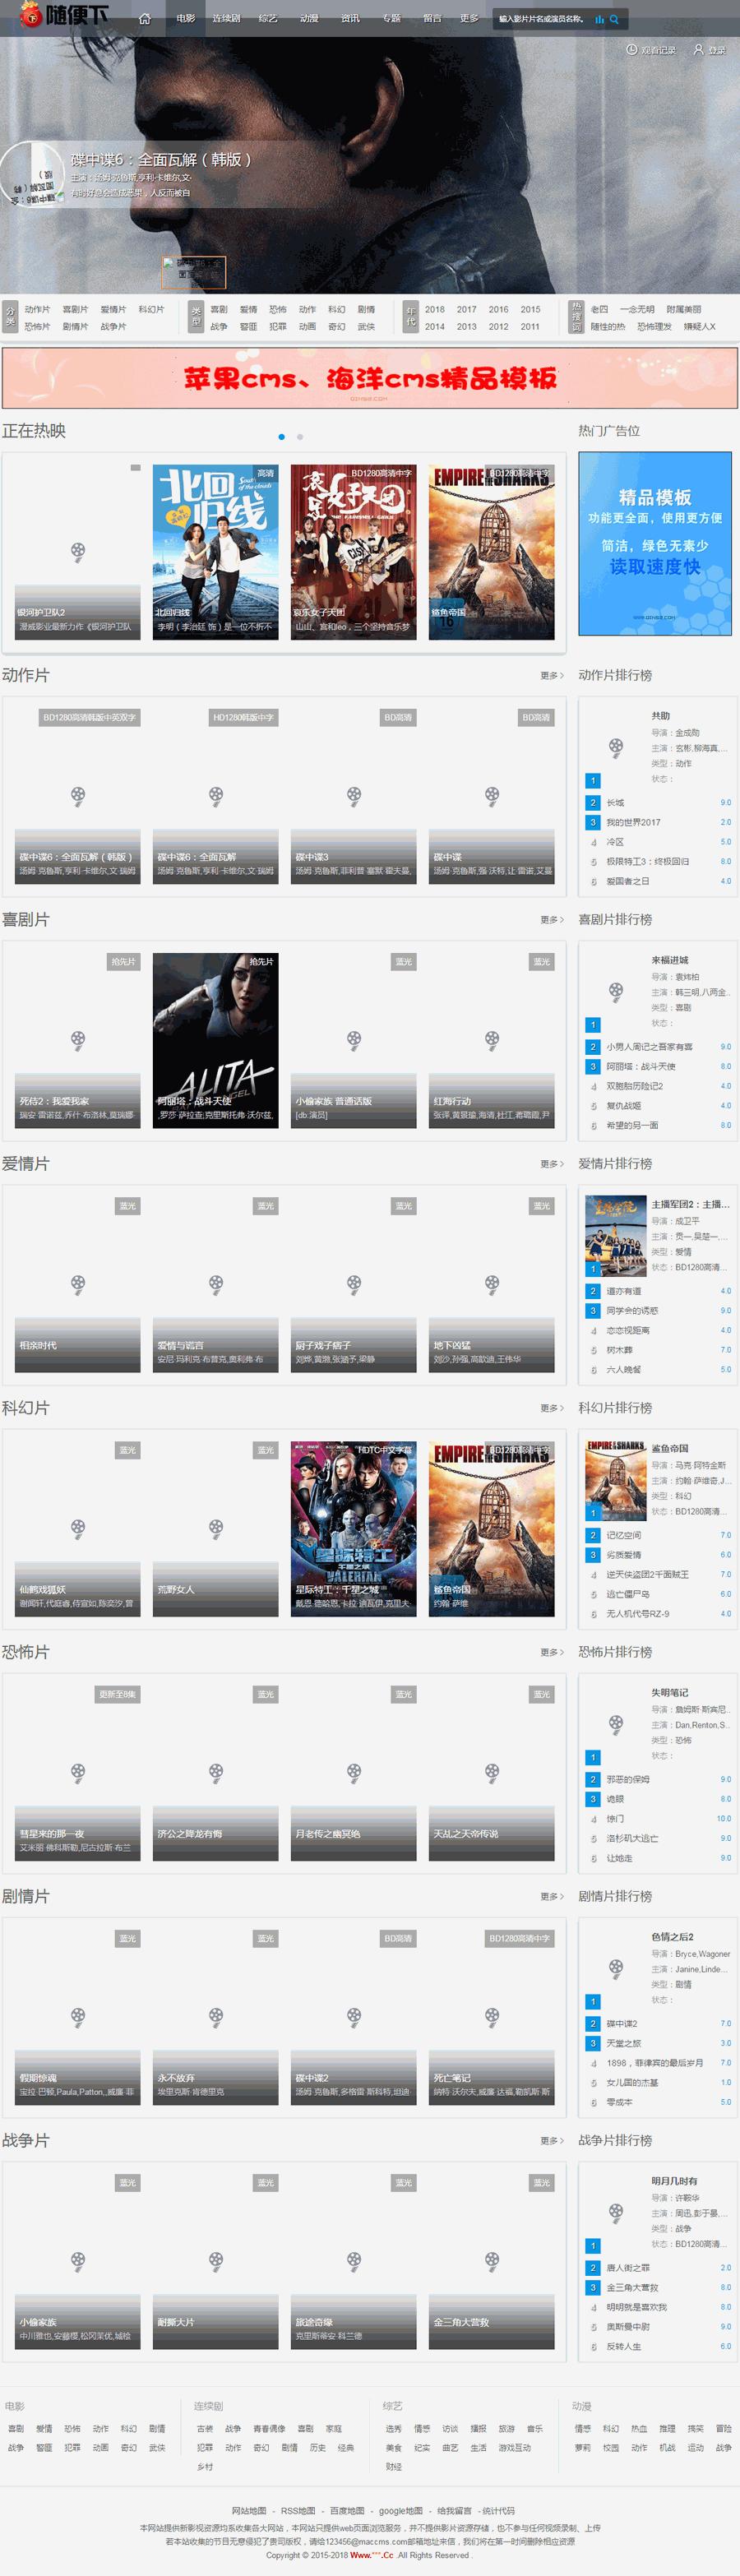 苹果CMS10运营级别电影影视网站源码,带手机端会员系统,无广告视频解析,附带火车头采集规则